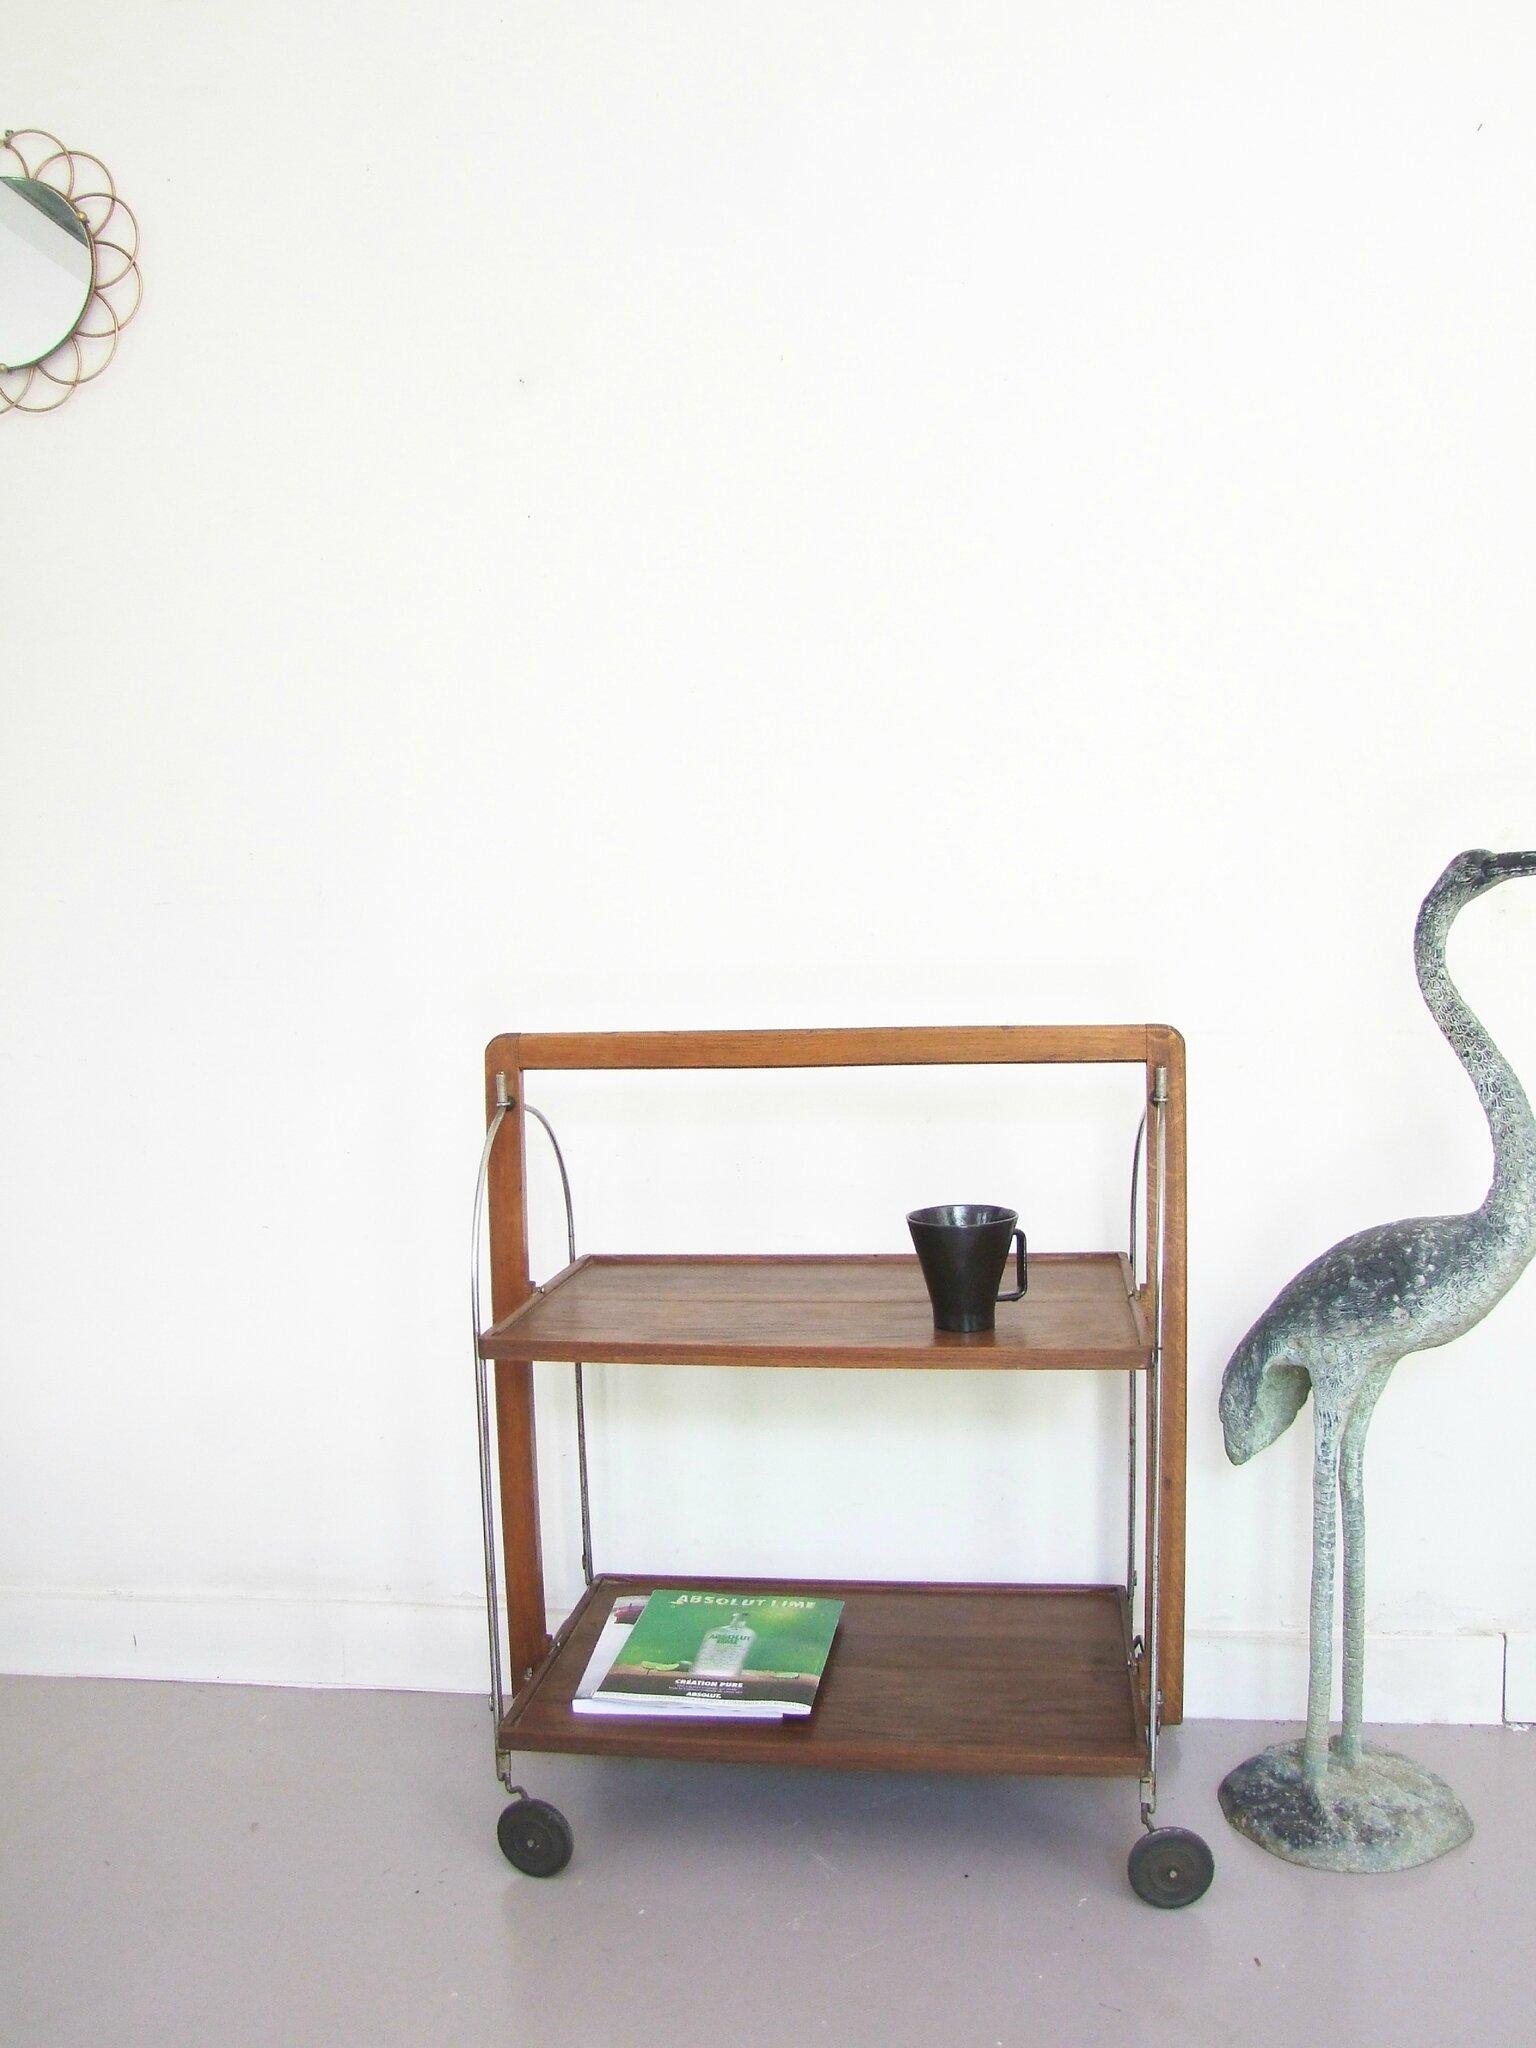 v e n d u s meubles vintage pataluna chin s d nich s. Black Bedroom Furniture Sets. Home Design Ideas